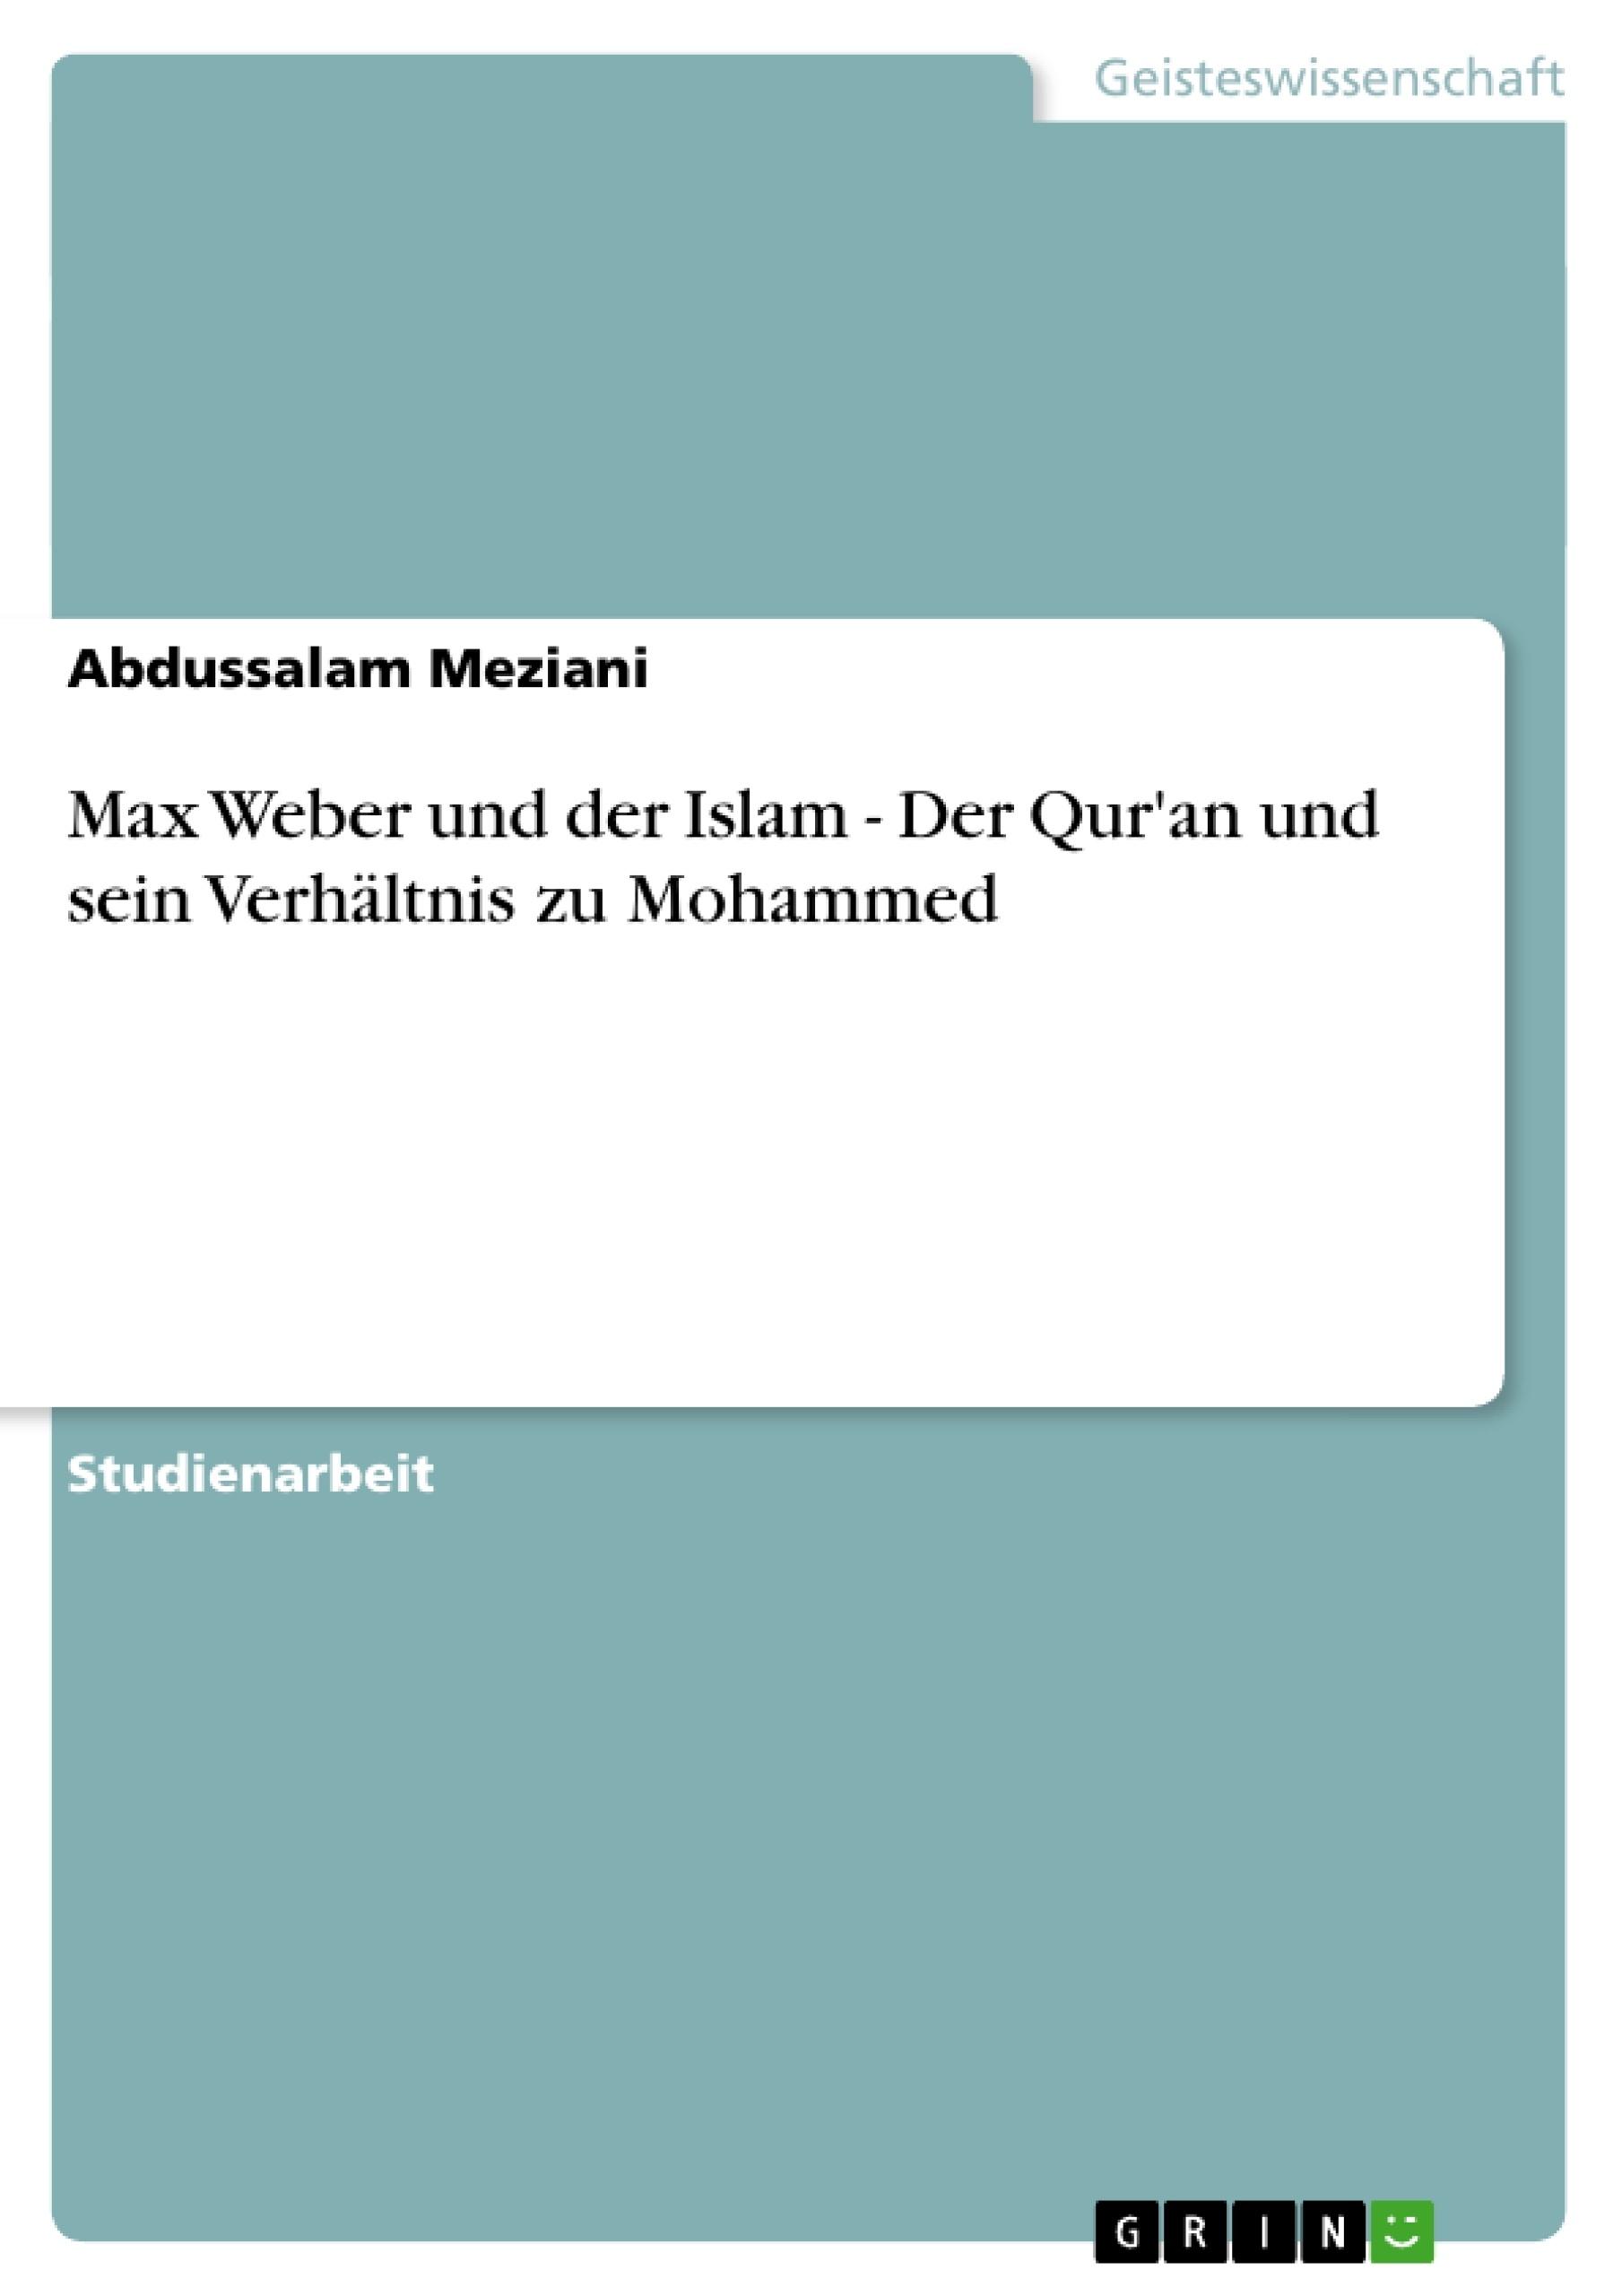 Titel: Max Weber und der Islam - Der Qur'an und sein Verhältnis zu Mohammed